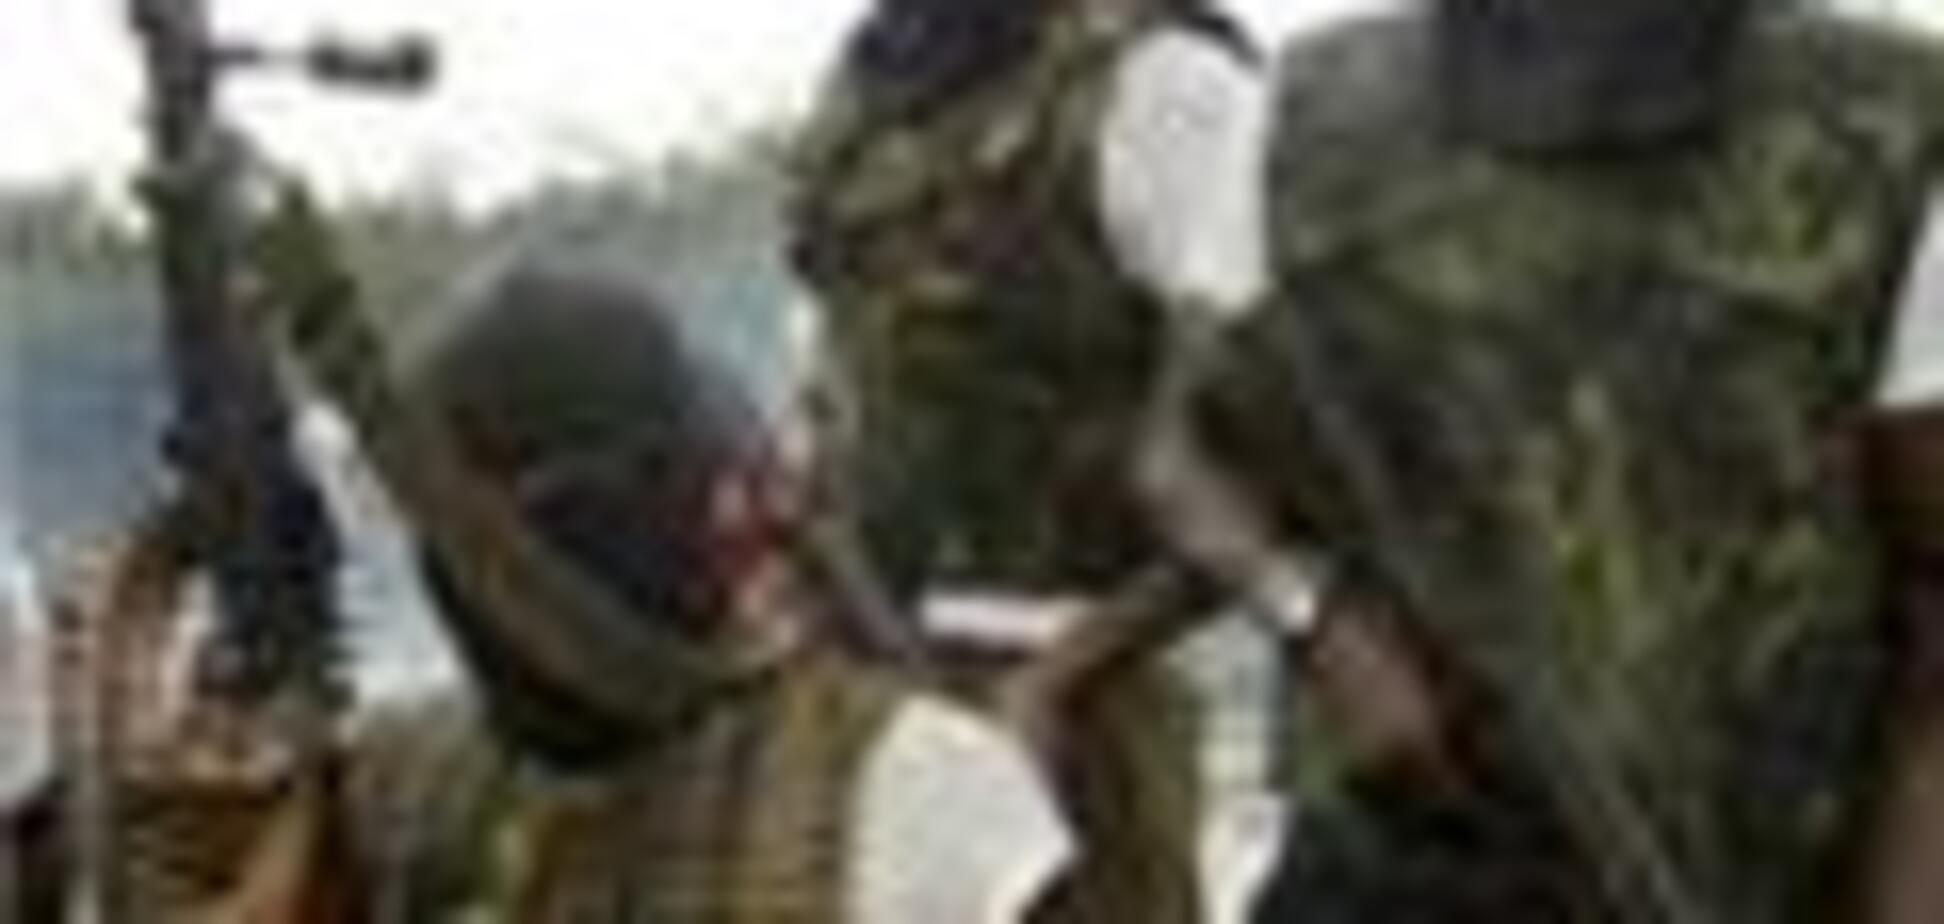 Нігерійські бойовики напали на корабель, 9 загиблих